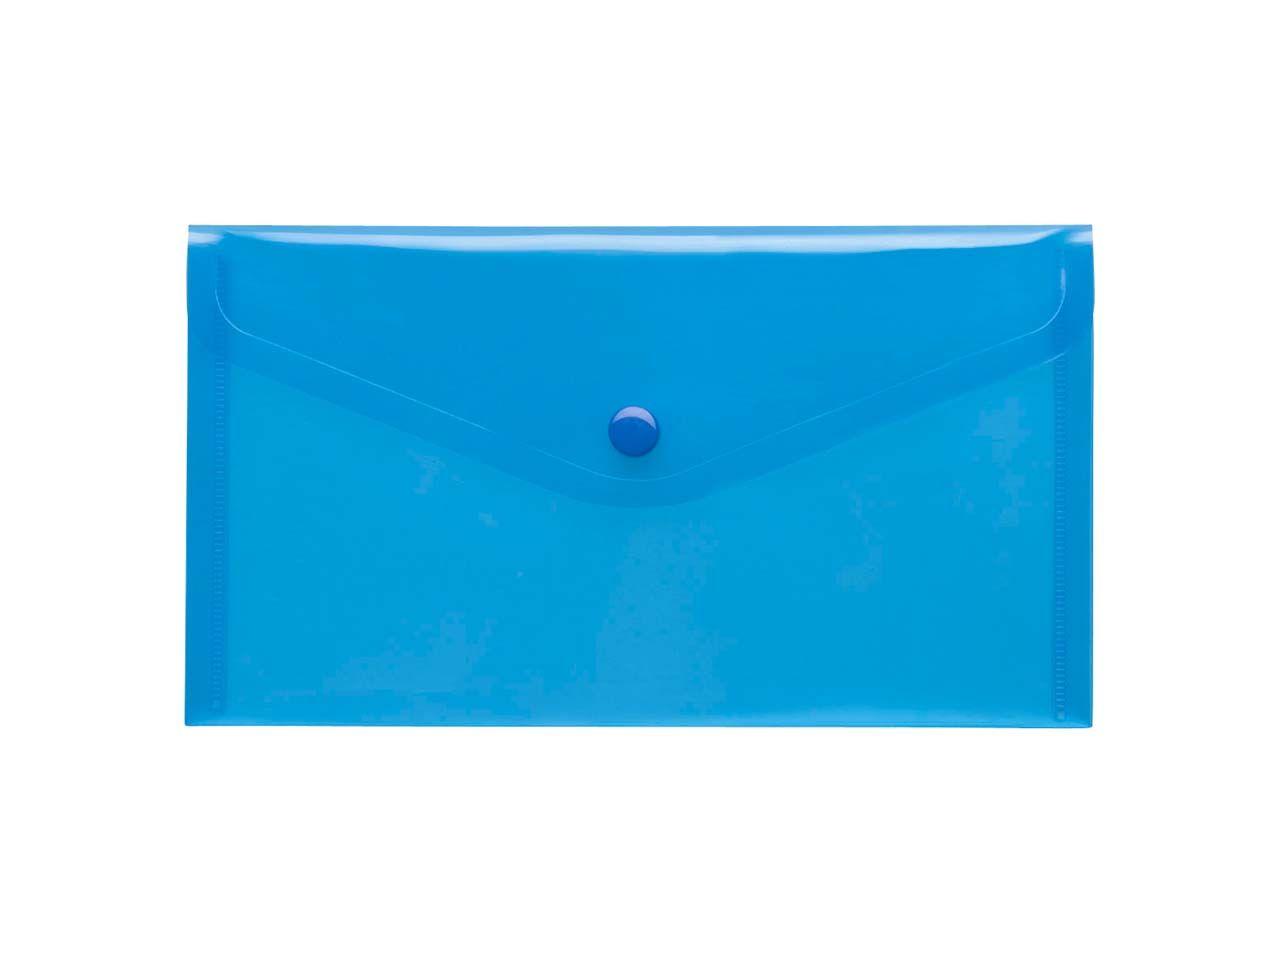 10 Sammelmappen f'r DIN lang transparent blau PP